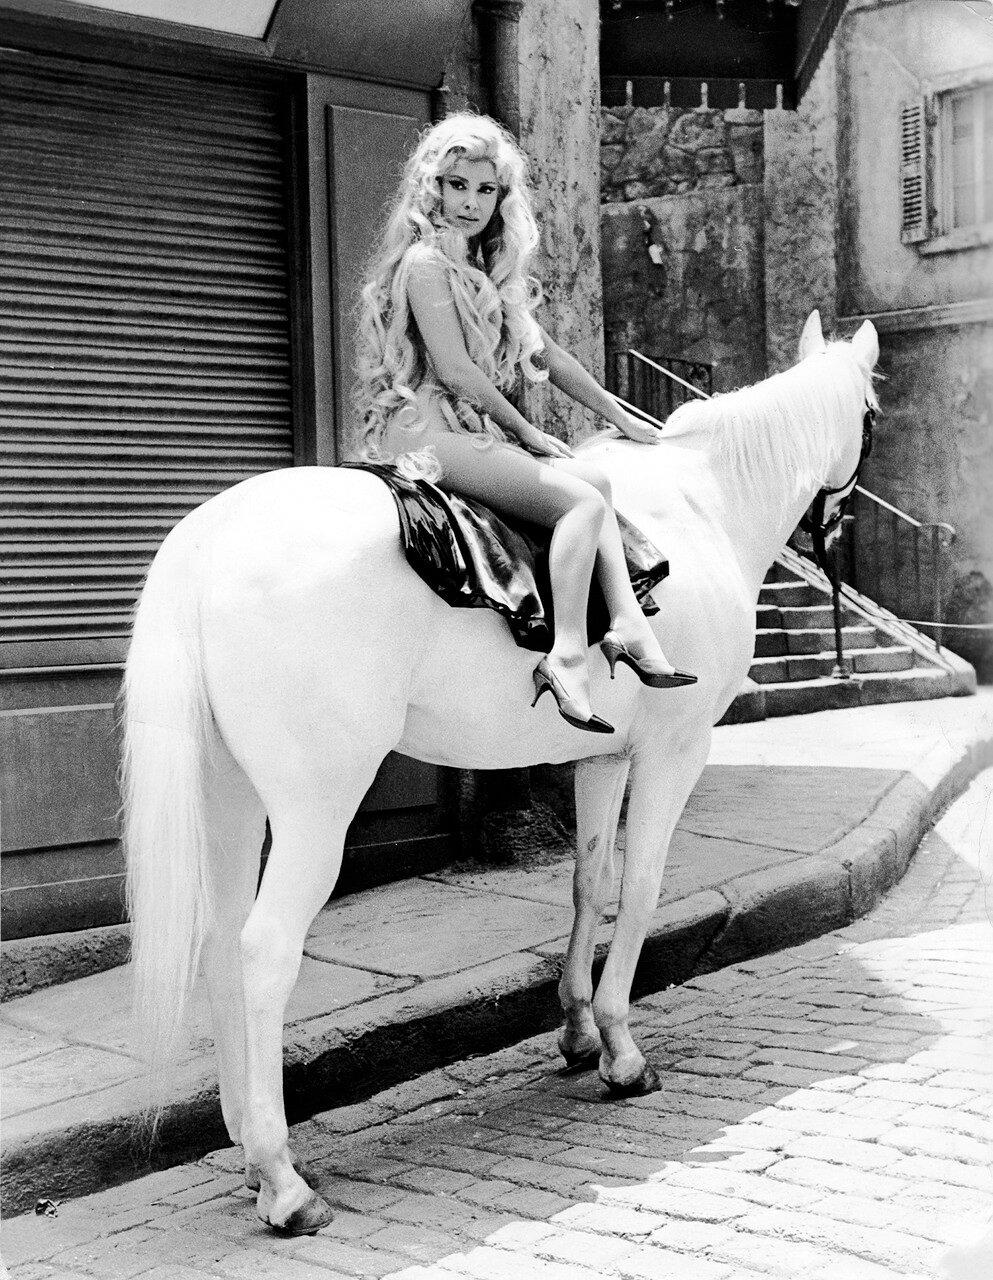 Gina LOLLOBRIGIDA nackt auf einem Pferd, 1965